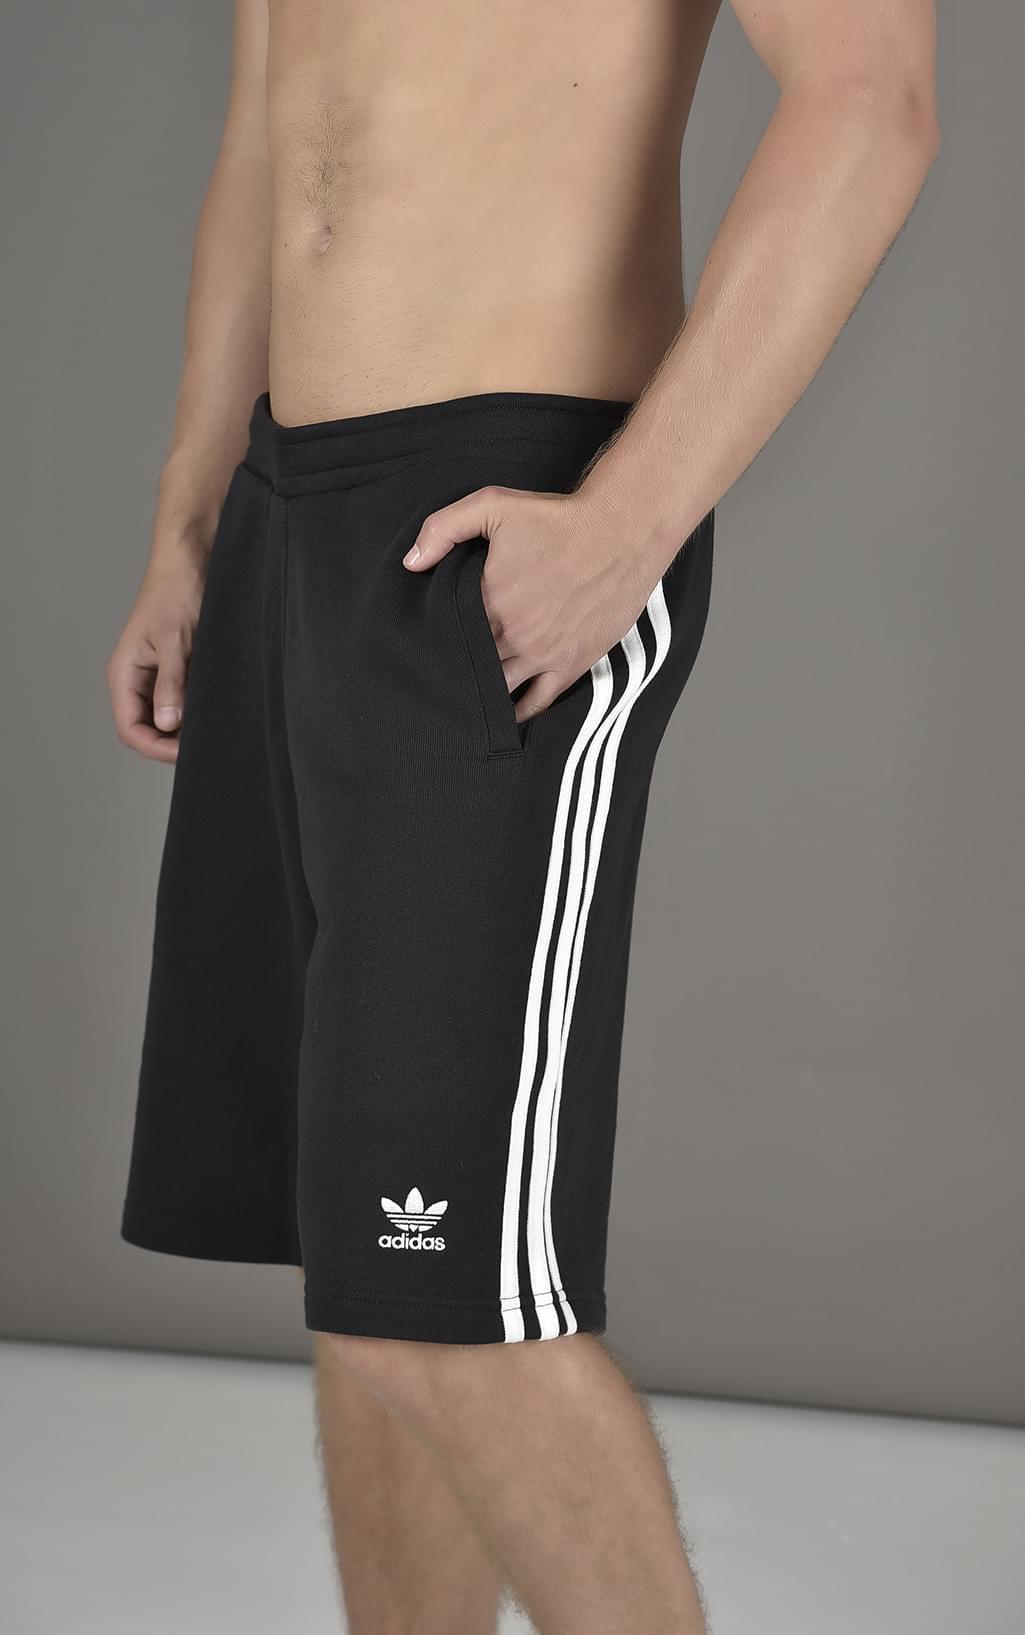 d24ab529b5 Short: Adidas ORIGINALS 3-STRIPES SHORT